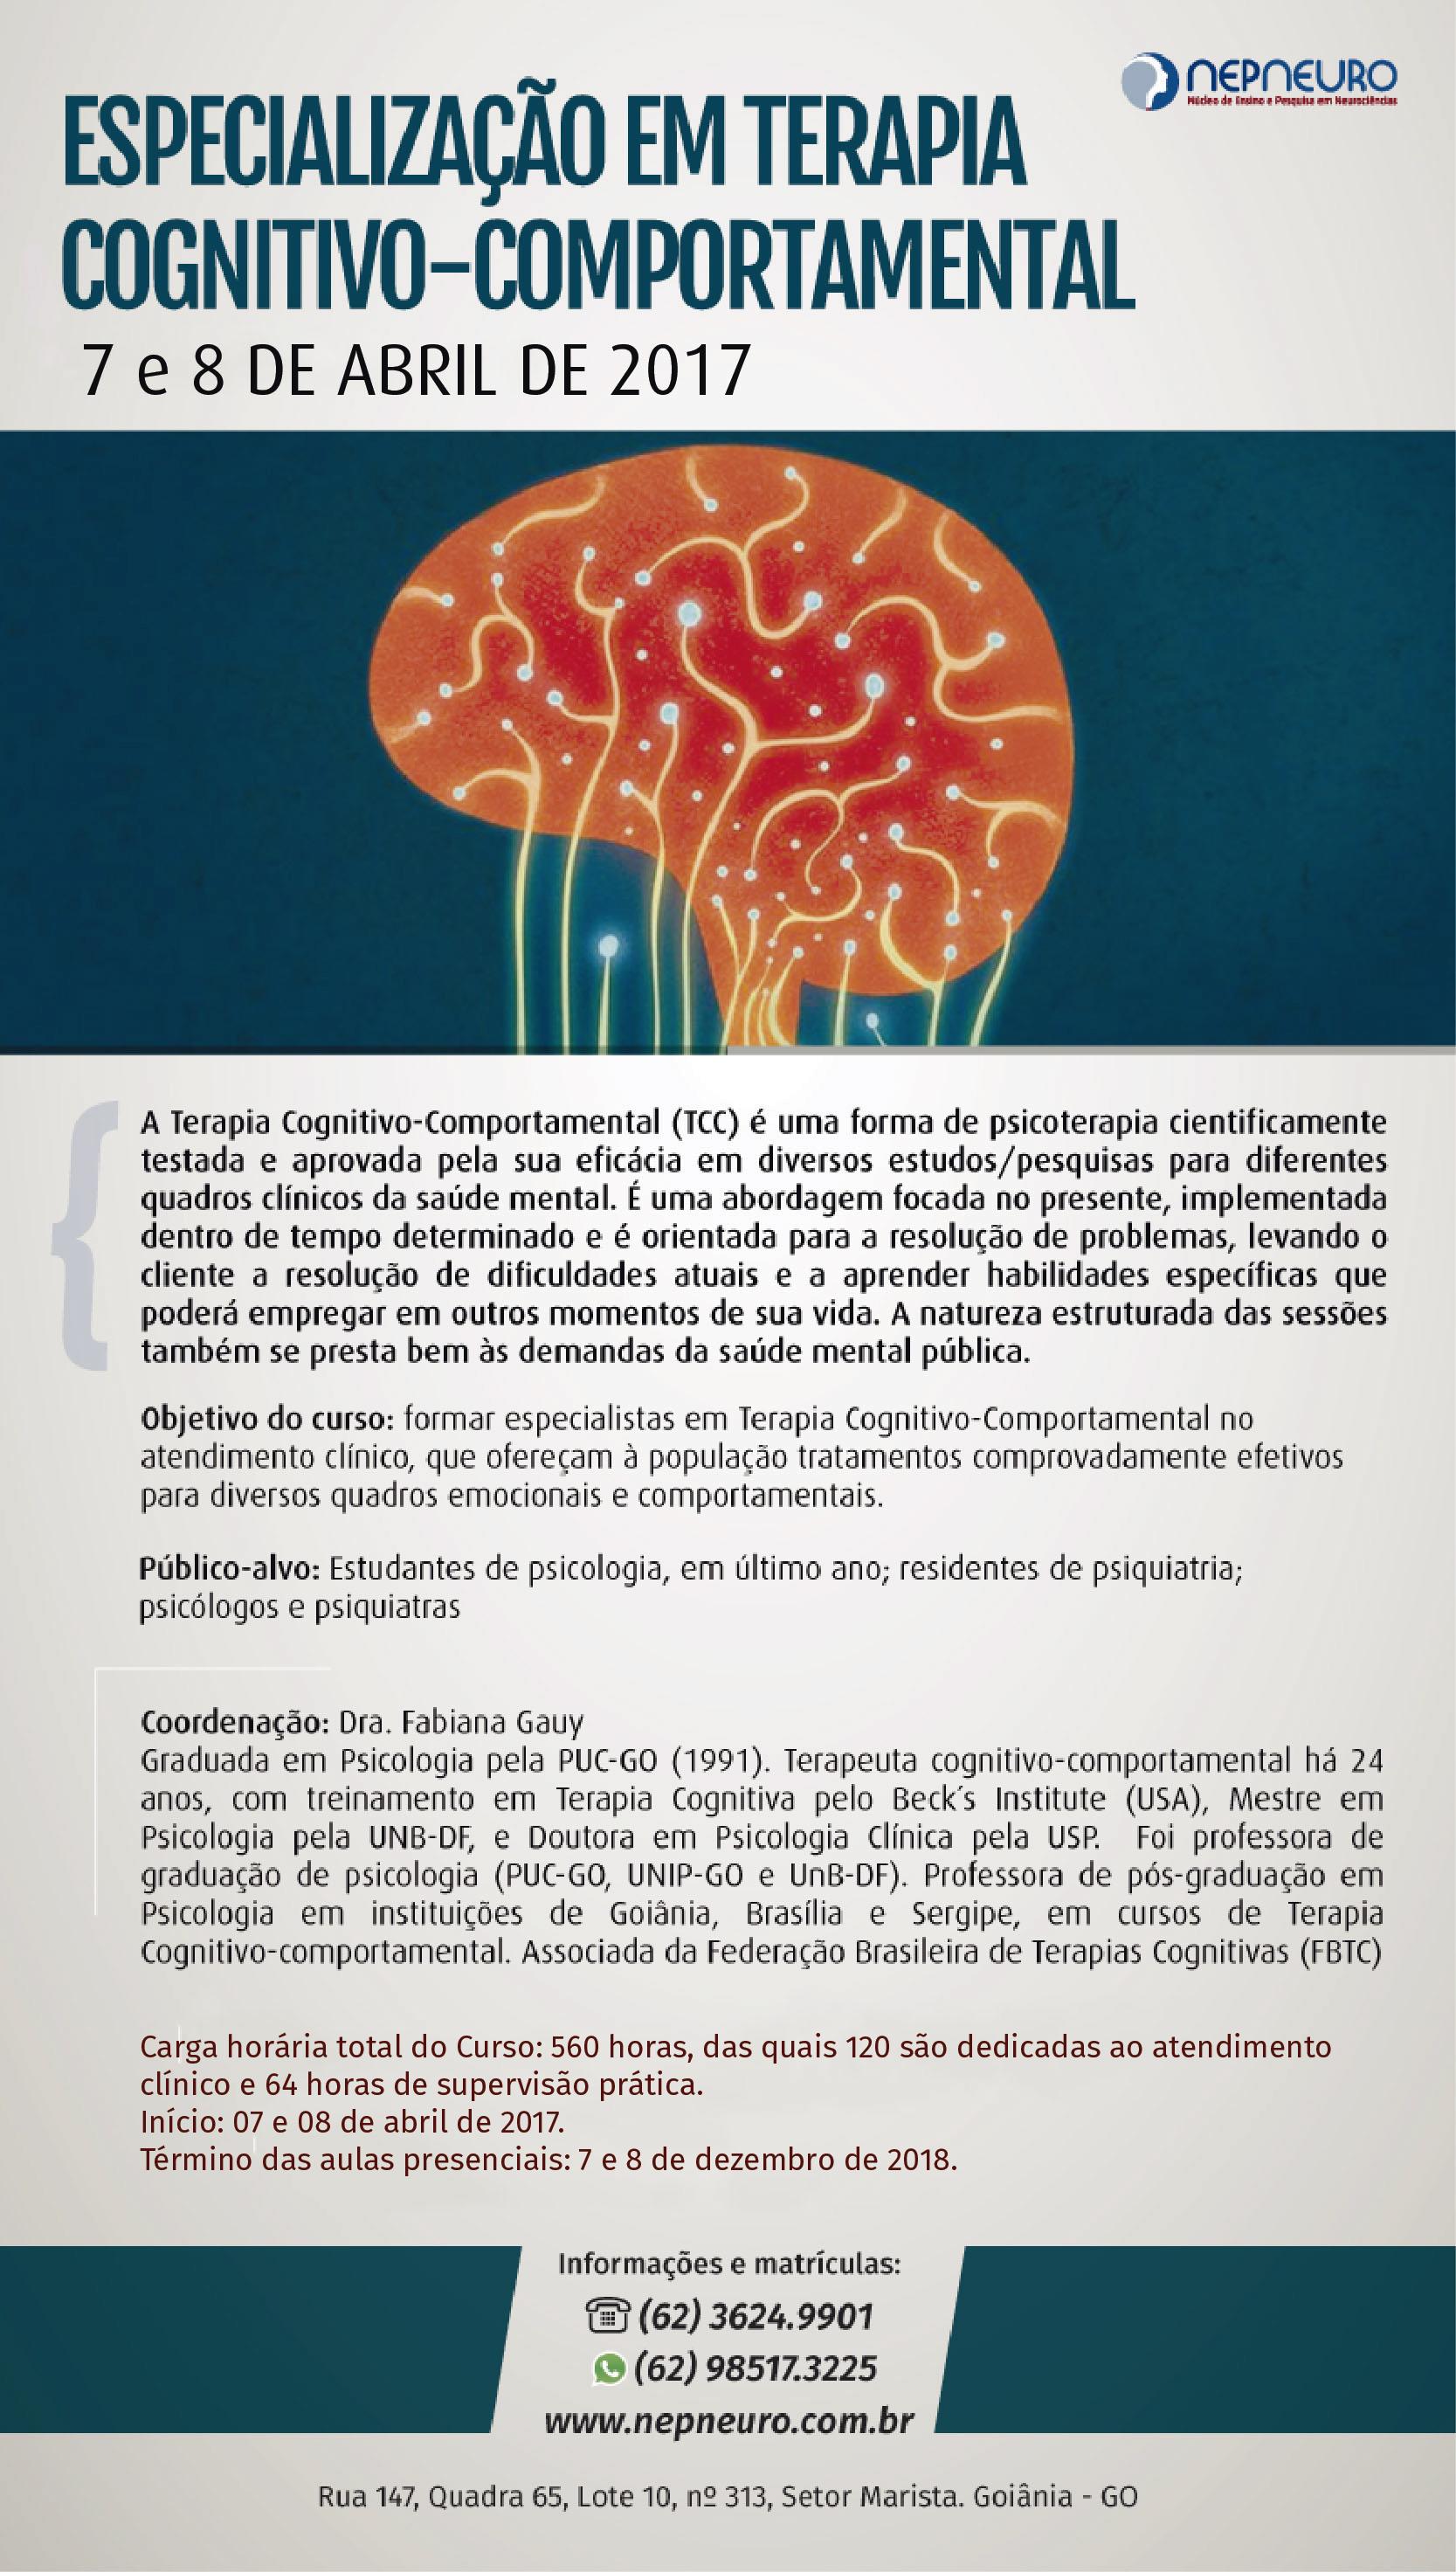 Especialização em Terapia Cognitivo-Comportamental - TCC